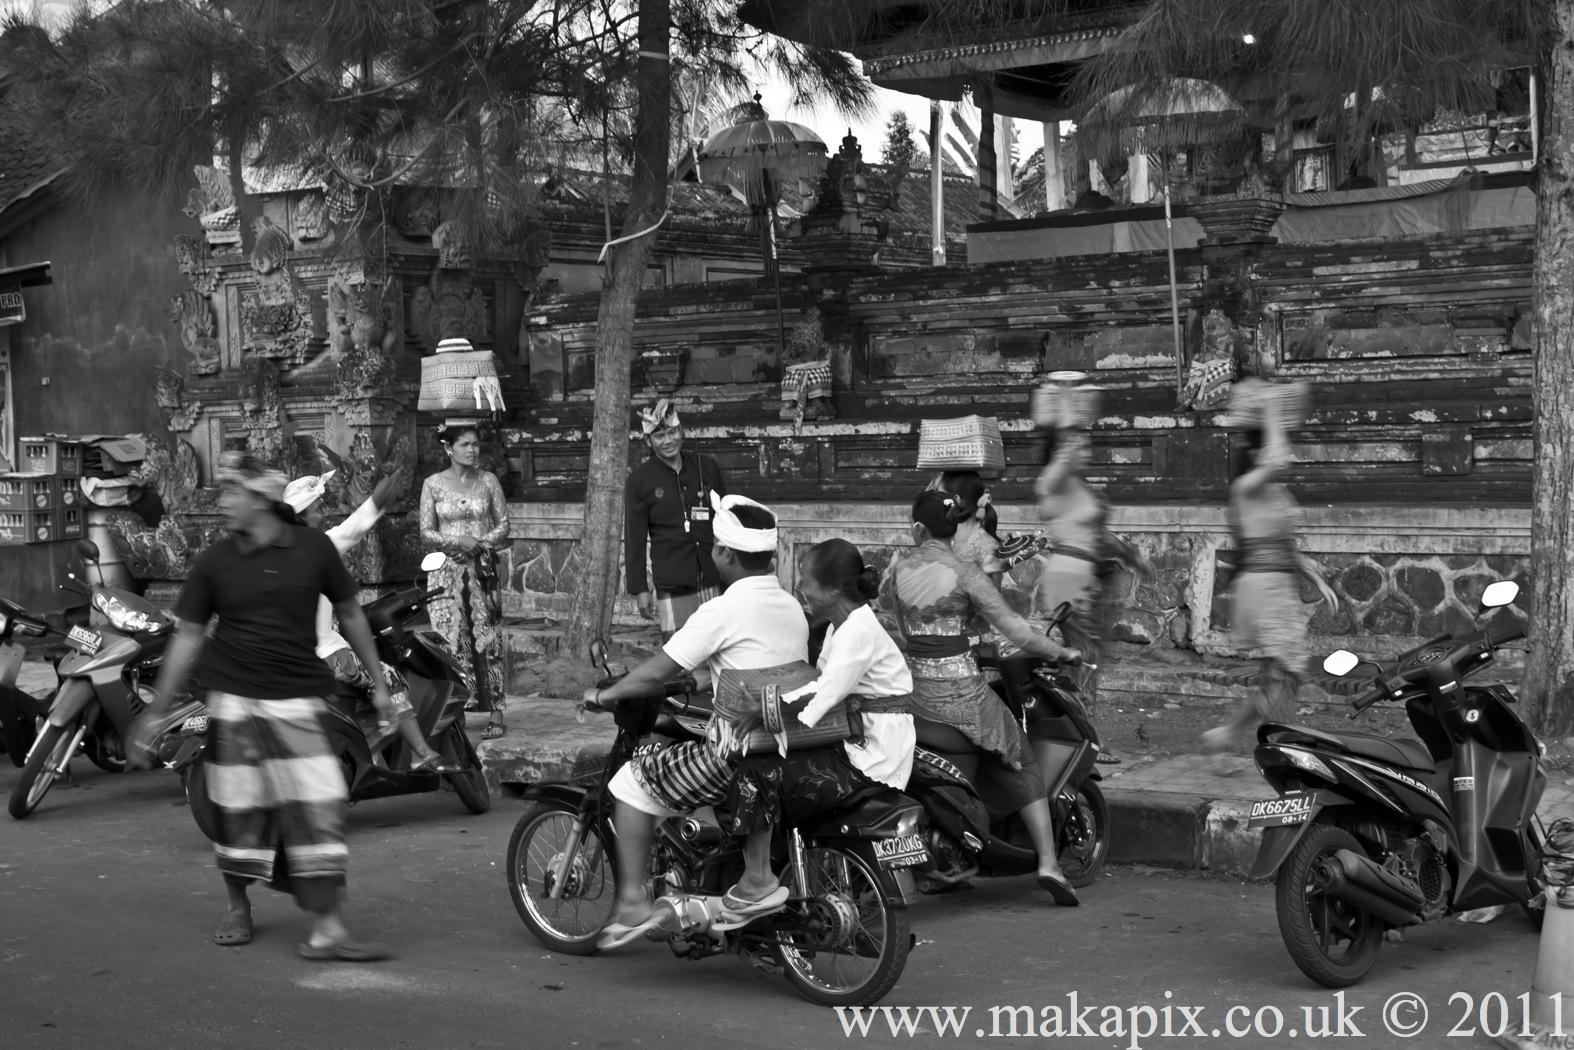 indonesia 2011 -mono